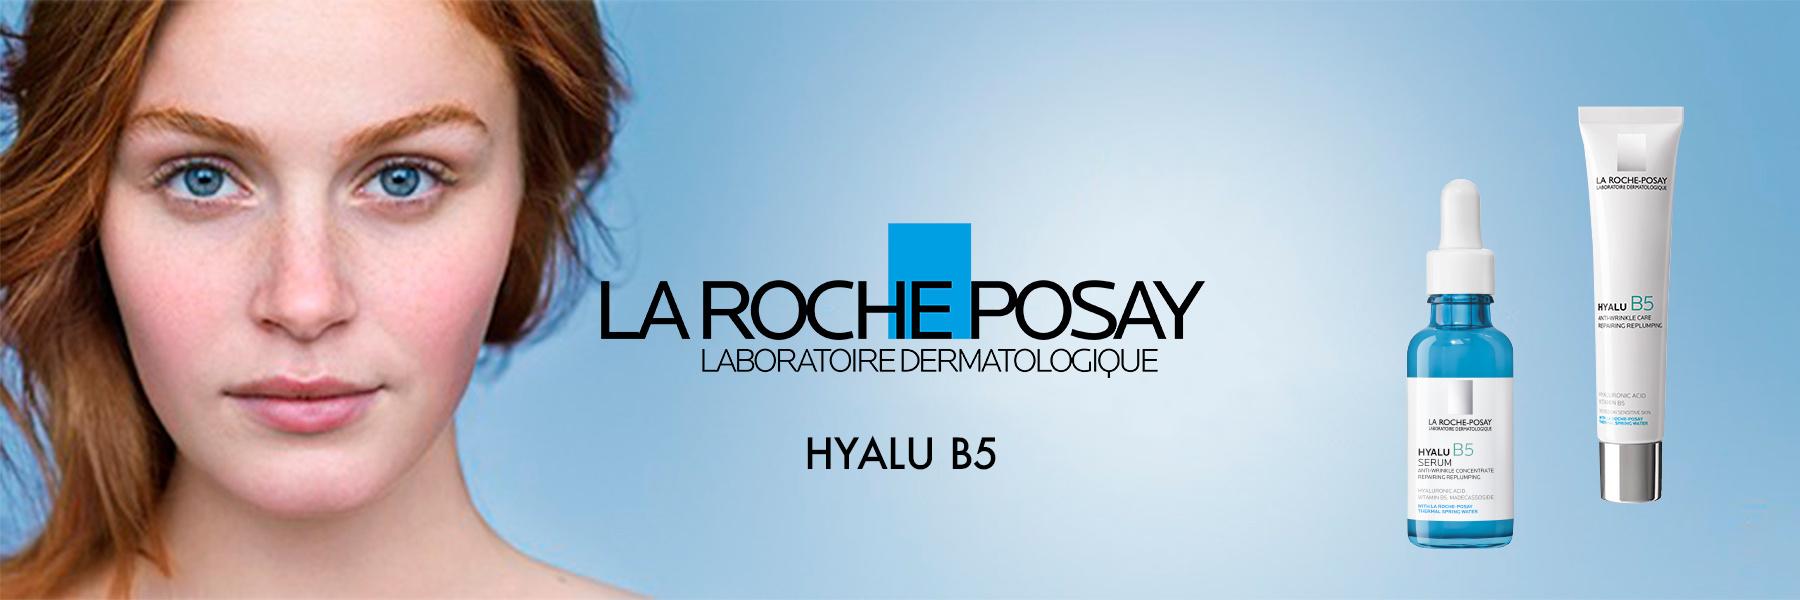 La Roche Posay Hyalu B5